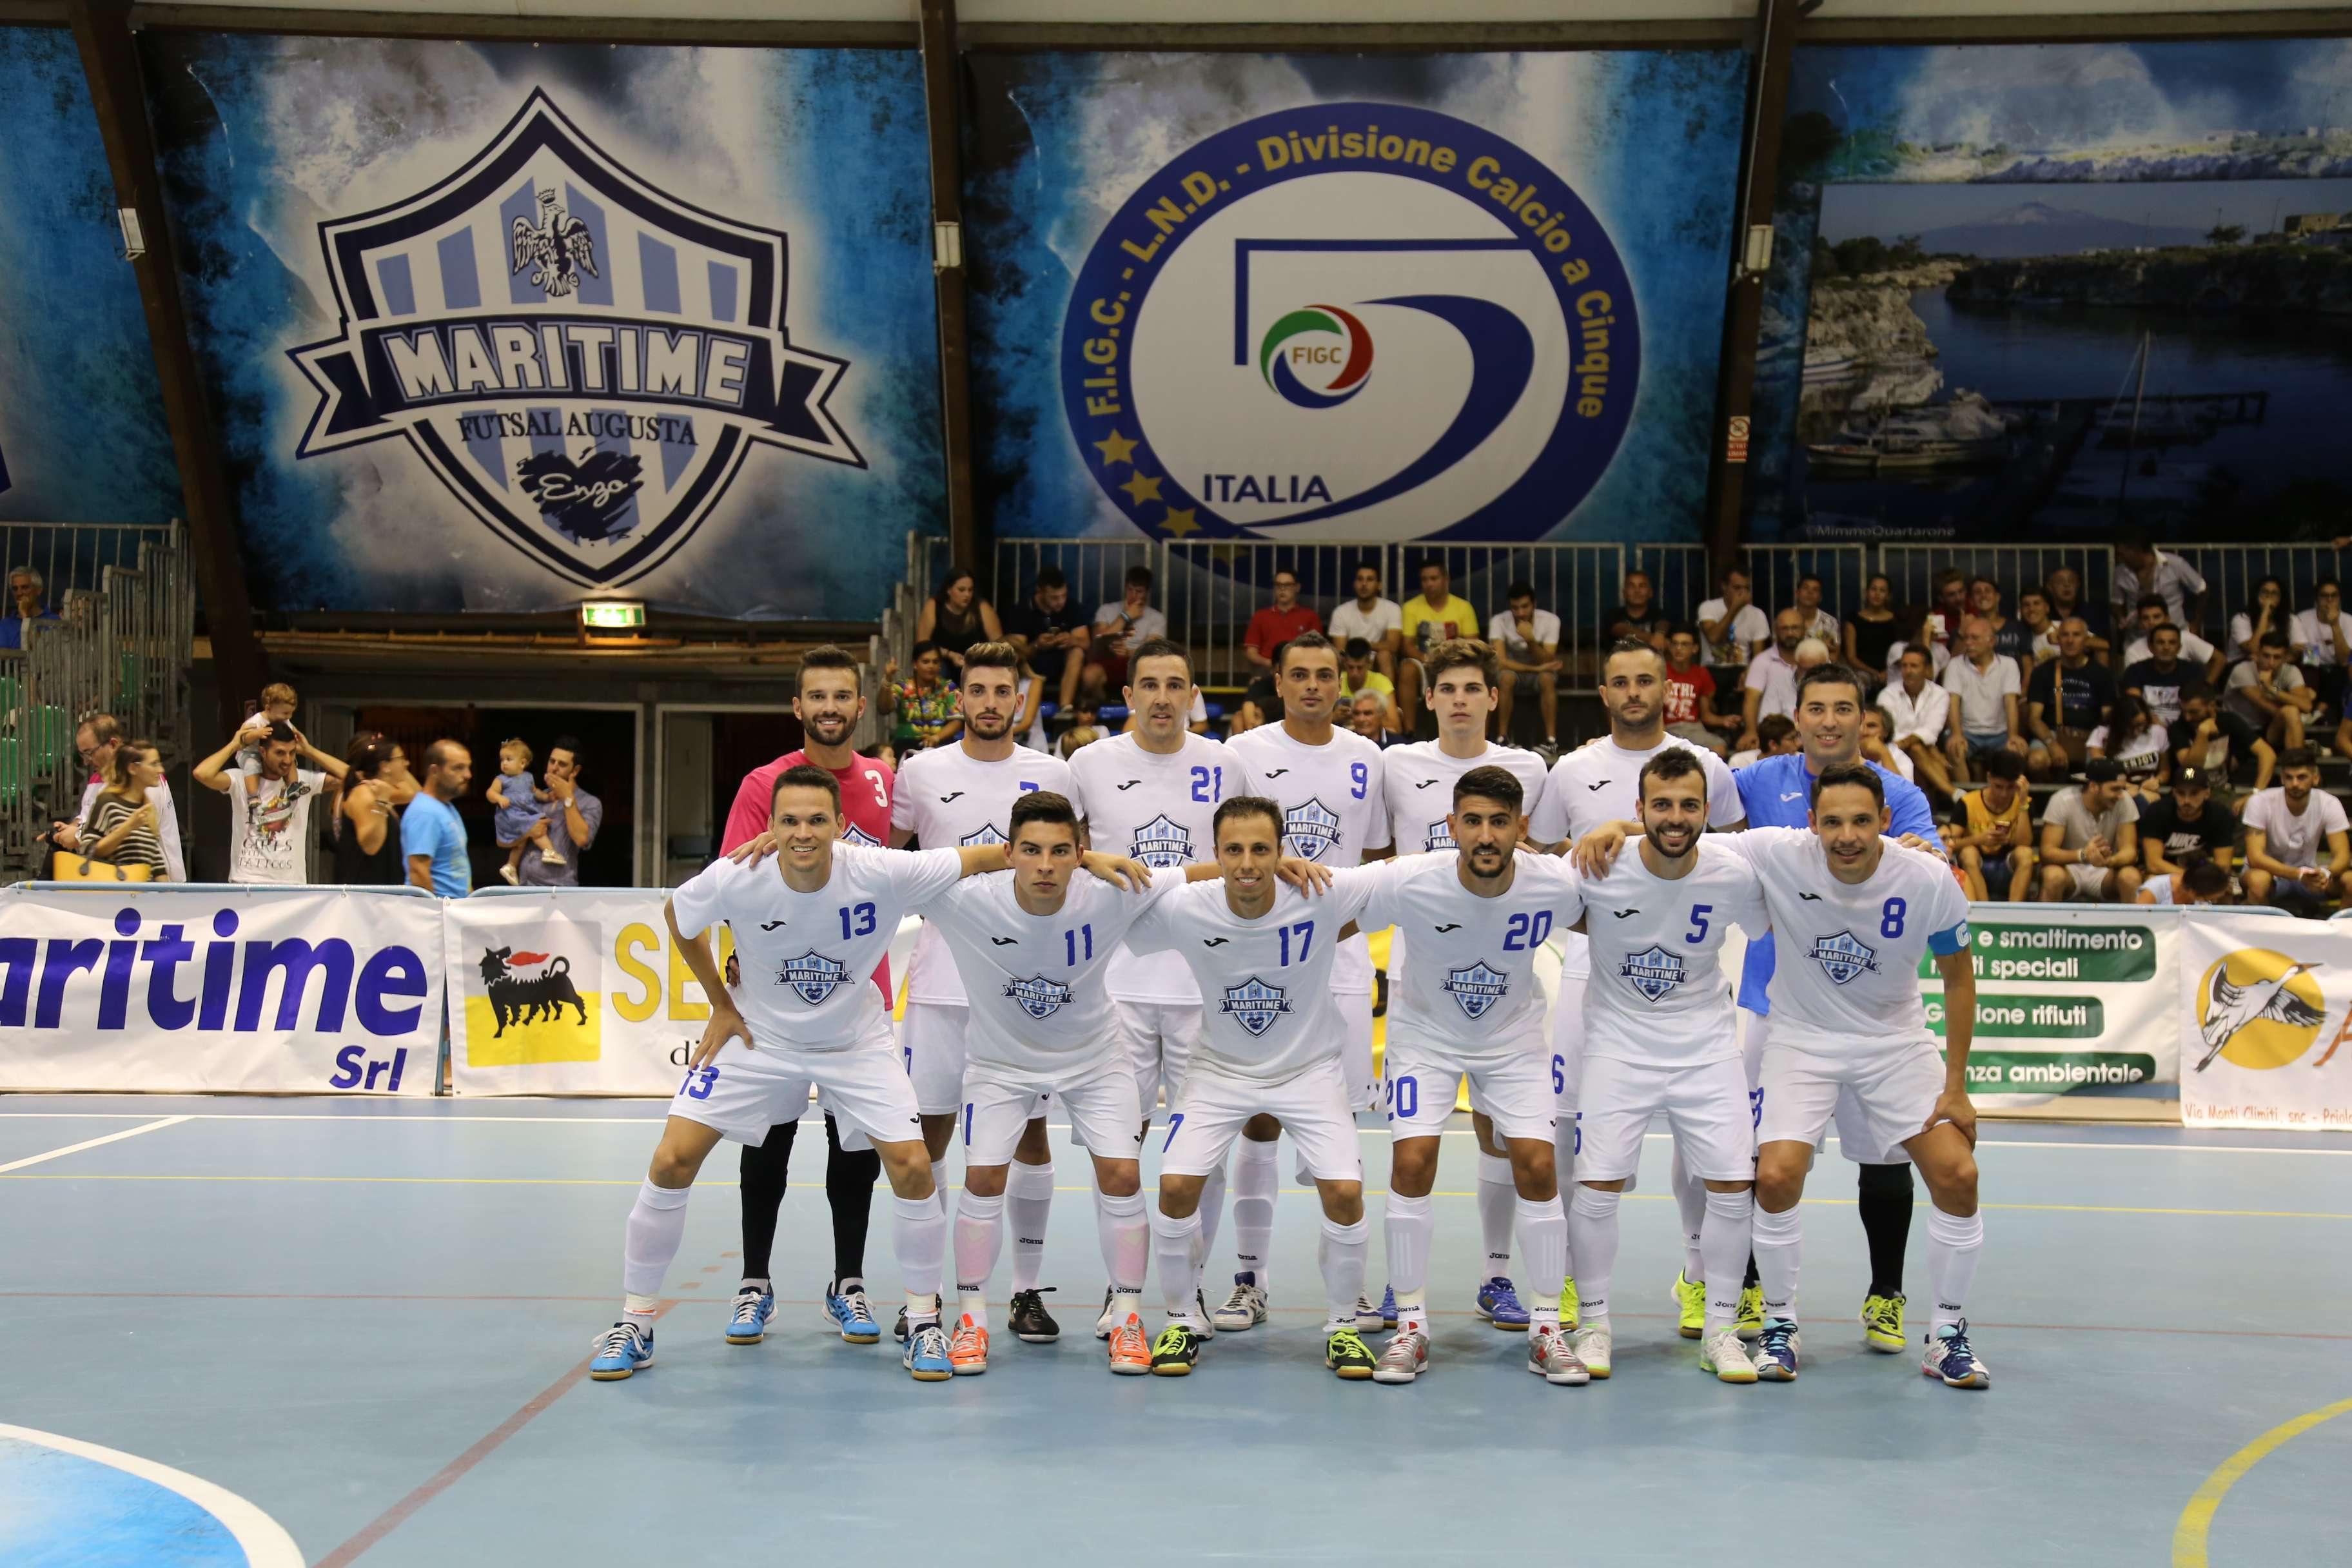 Calcio a 5, Maritime pronto per l'esordio in A2. Parla Miki, Braga e Mancuso: ecco i dettagli